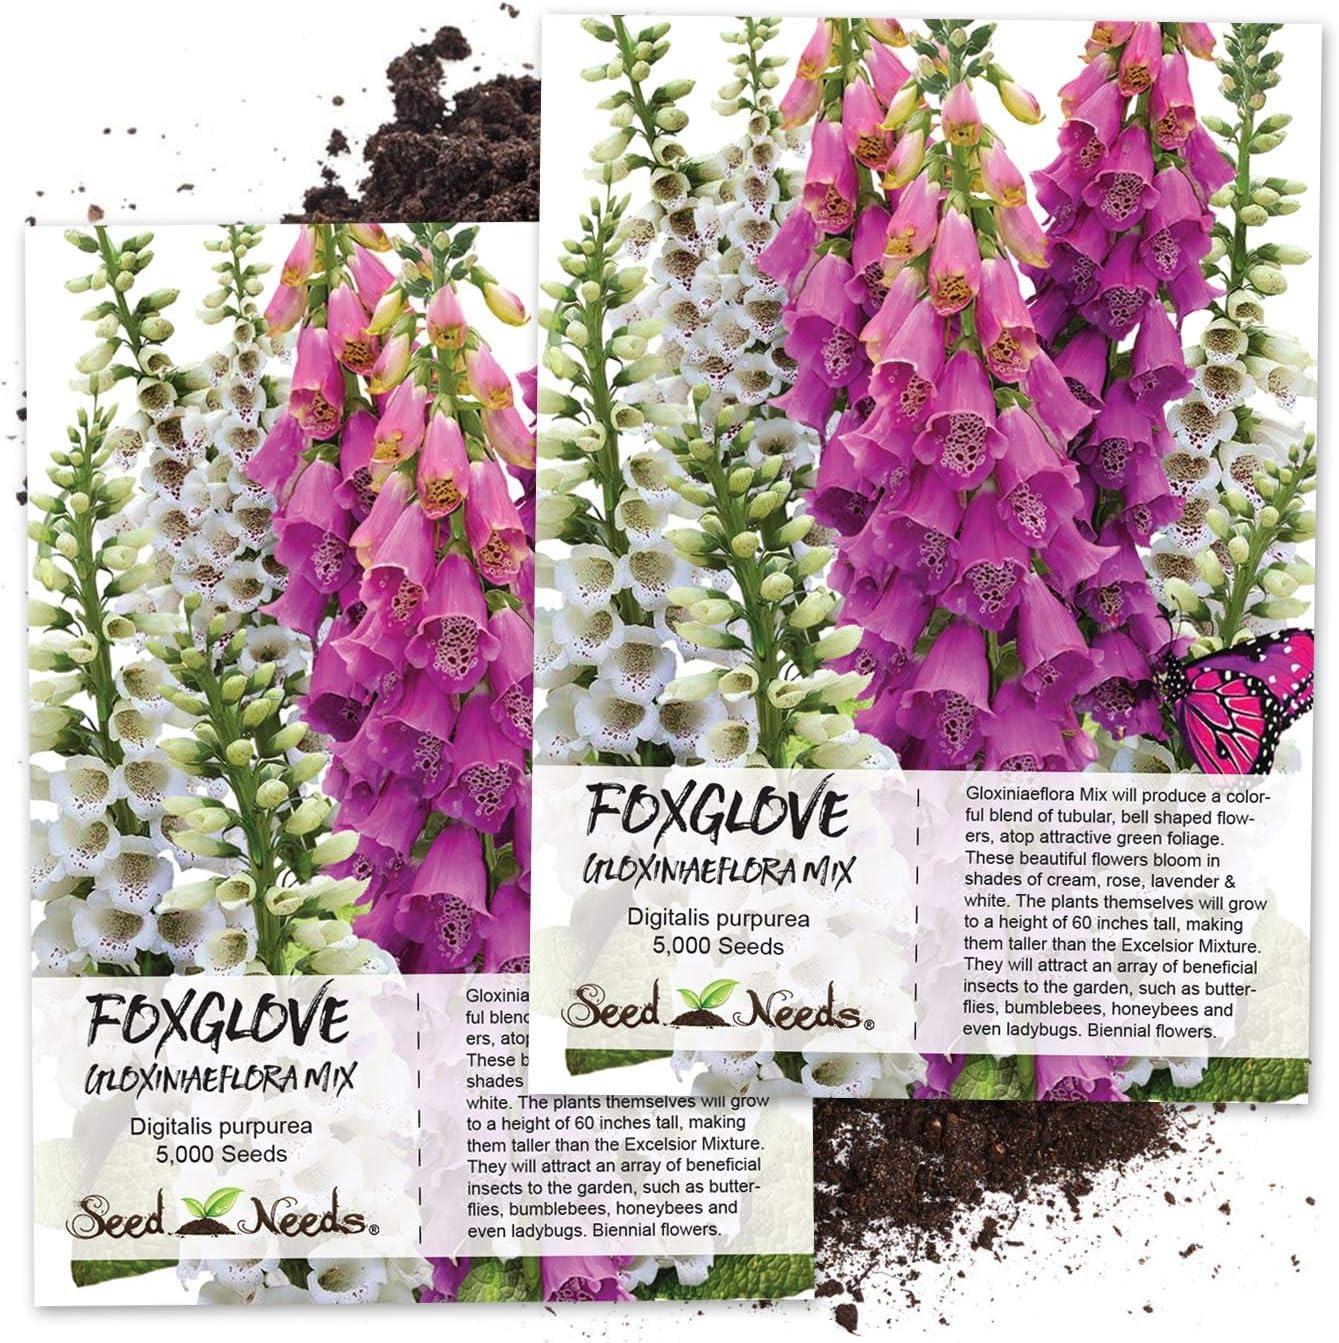 FOXGLOVE Digitalis Purpurea Hand Harvested Sustainable Wild Flower Seeds